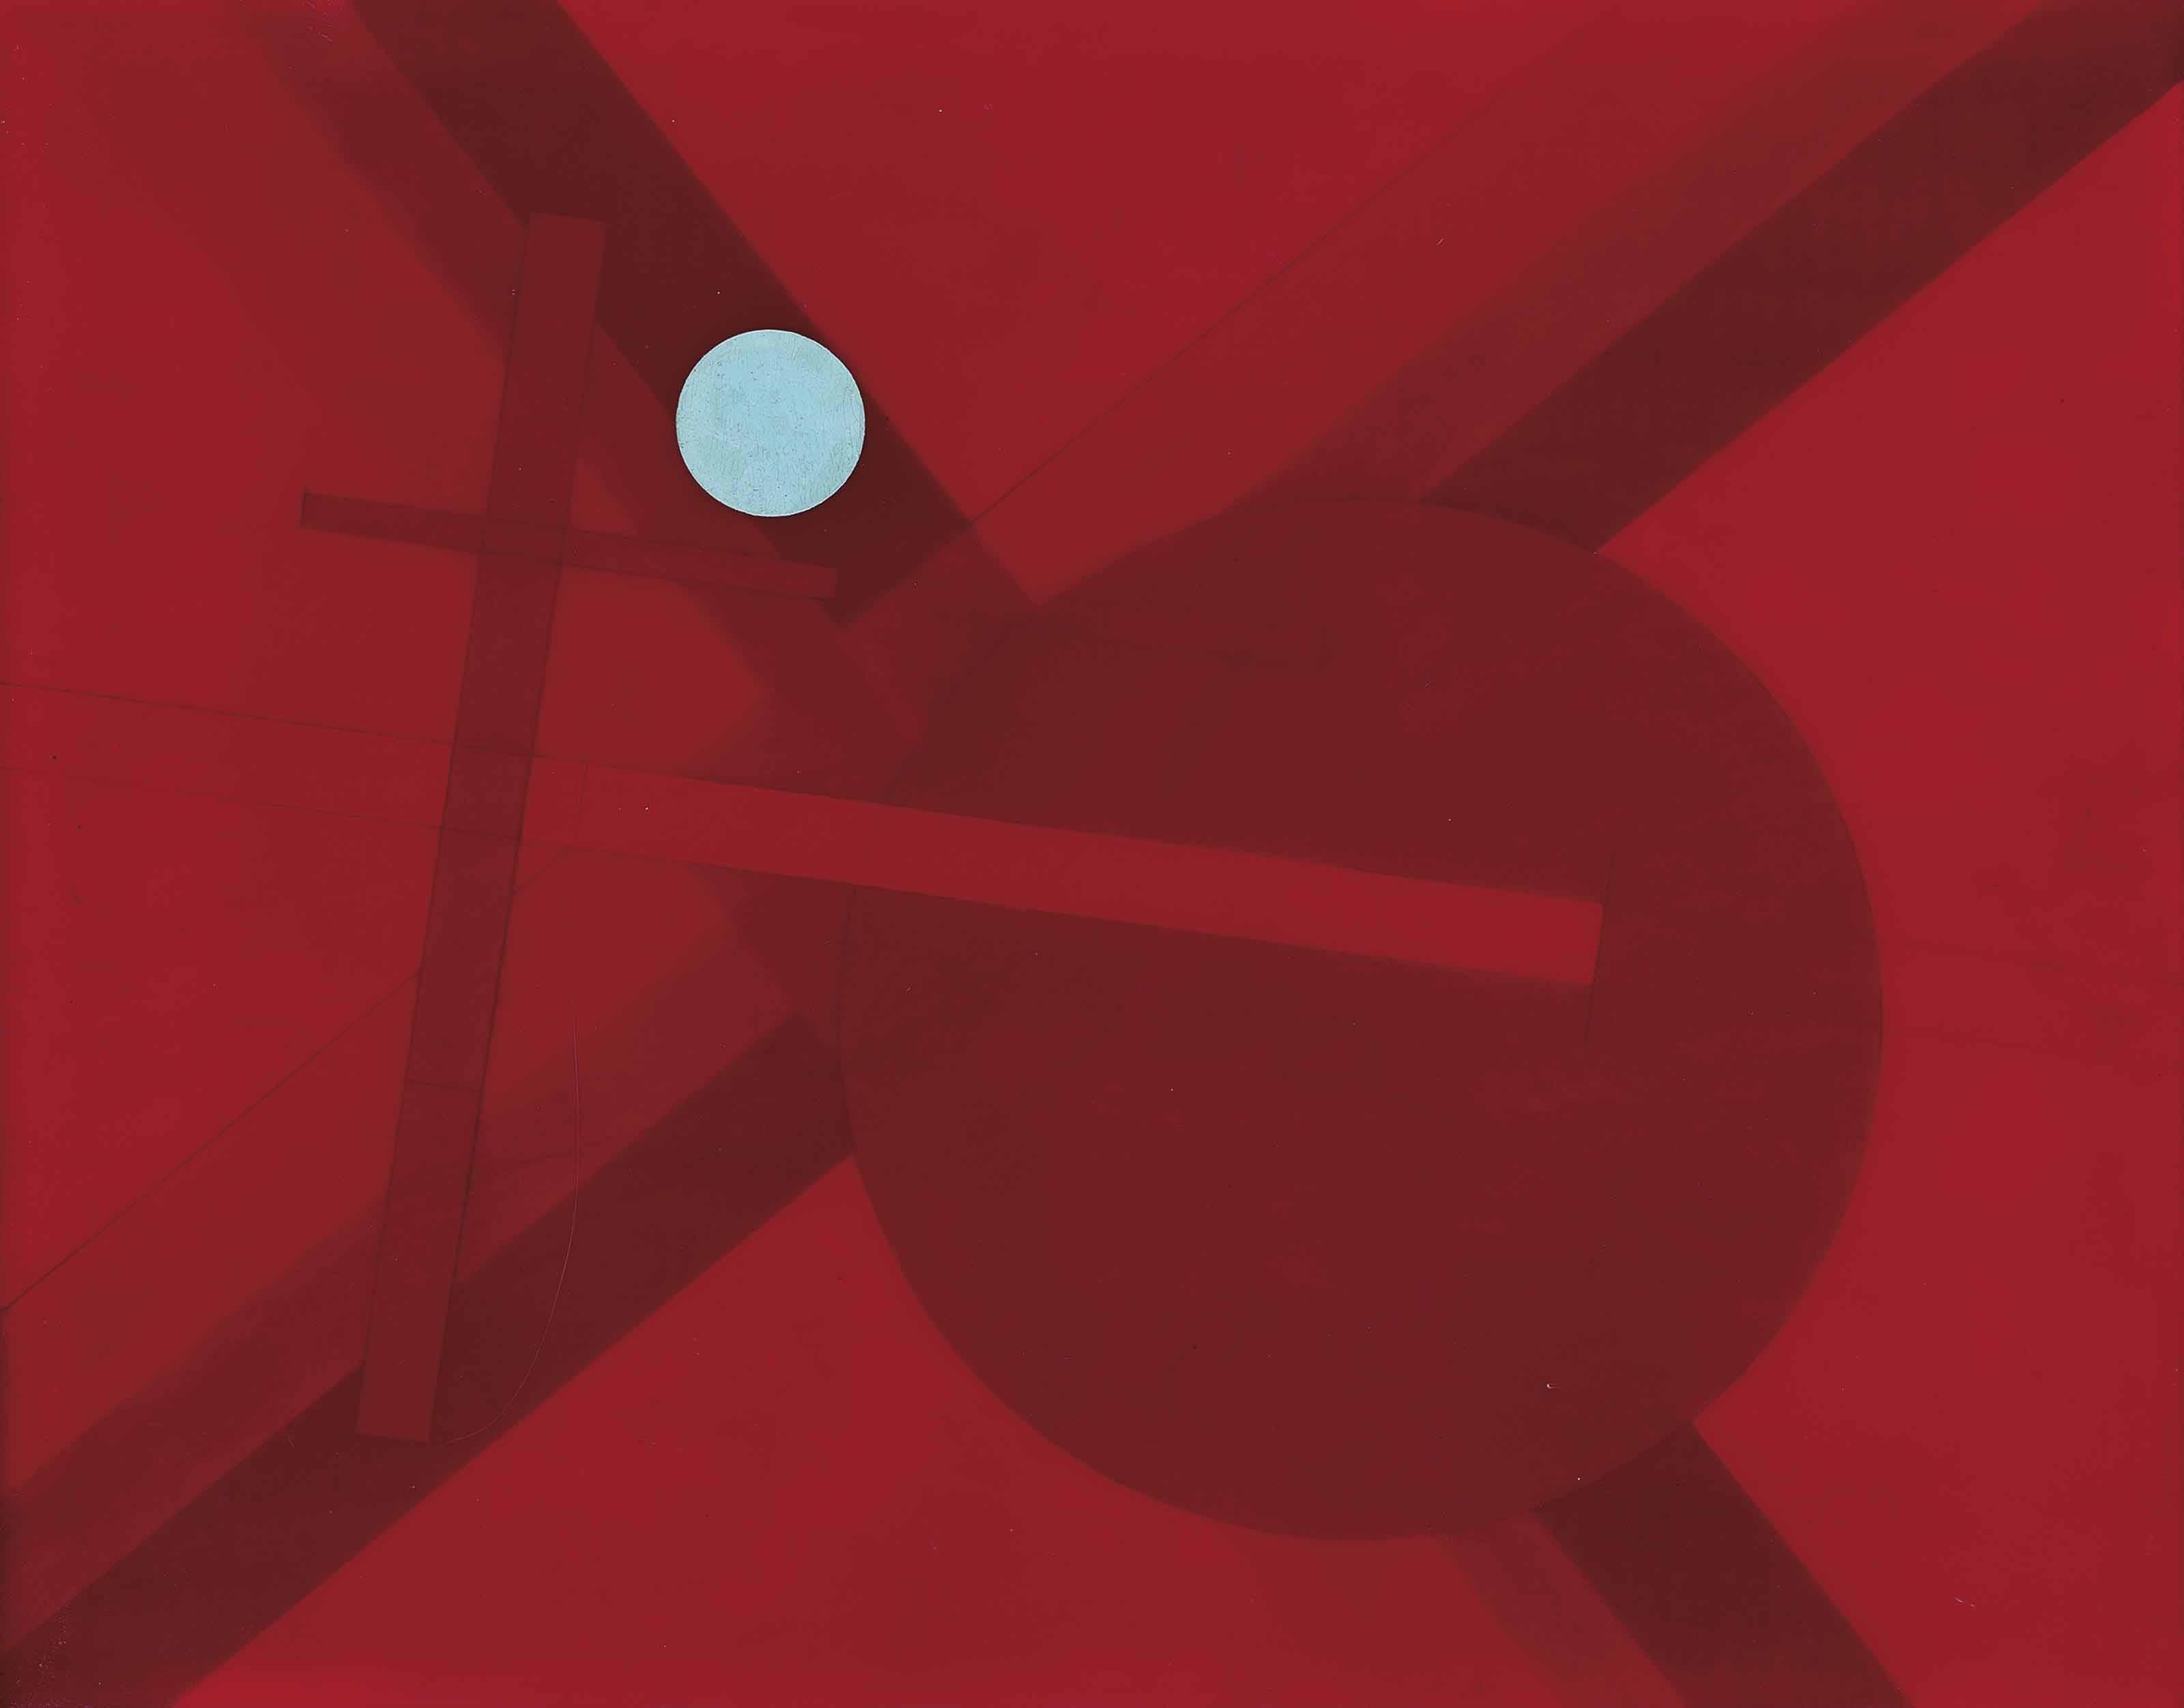 László Moholy-Nagy (1895-1946) Composition G4